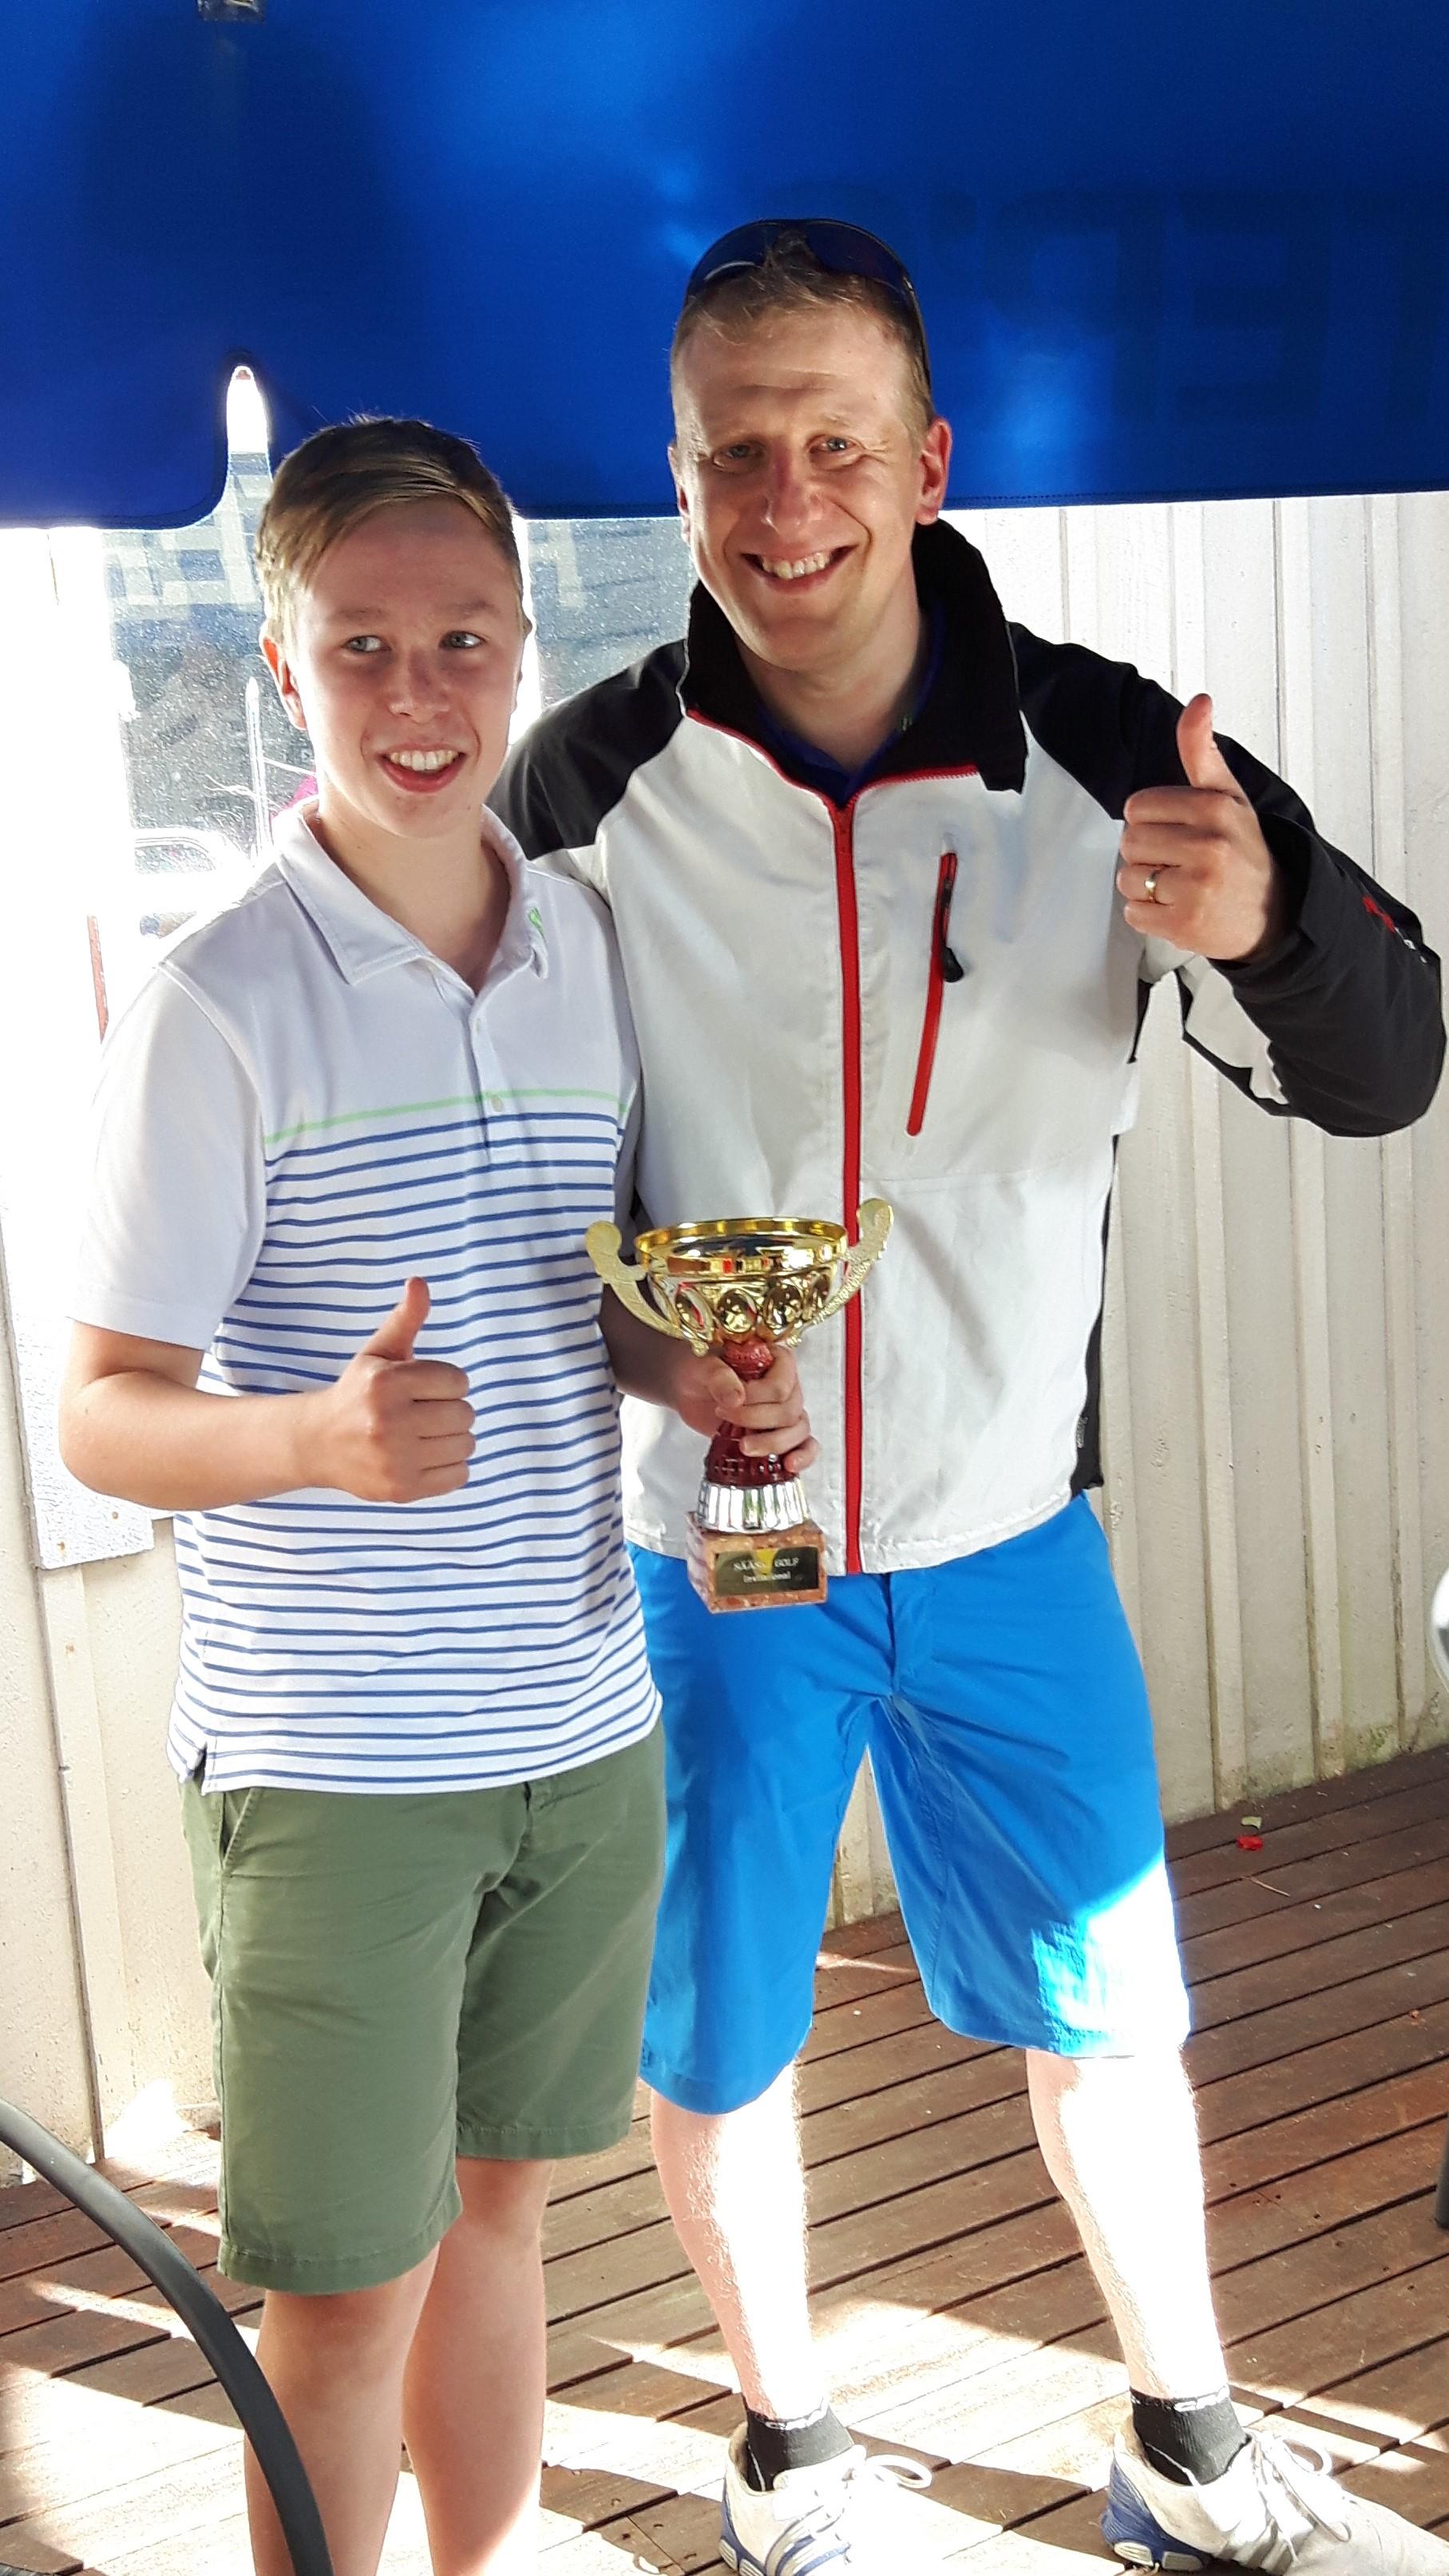 Kisan voittaja Simo Sääski (vasemmalla) ja tämän vuoden järjestelyistä vastannut Lasse Keskitalo